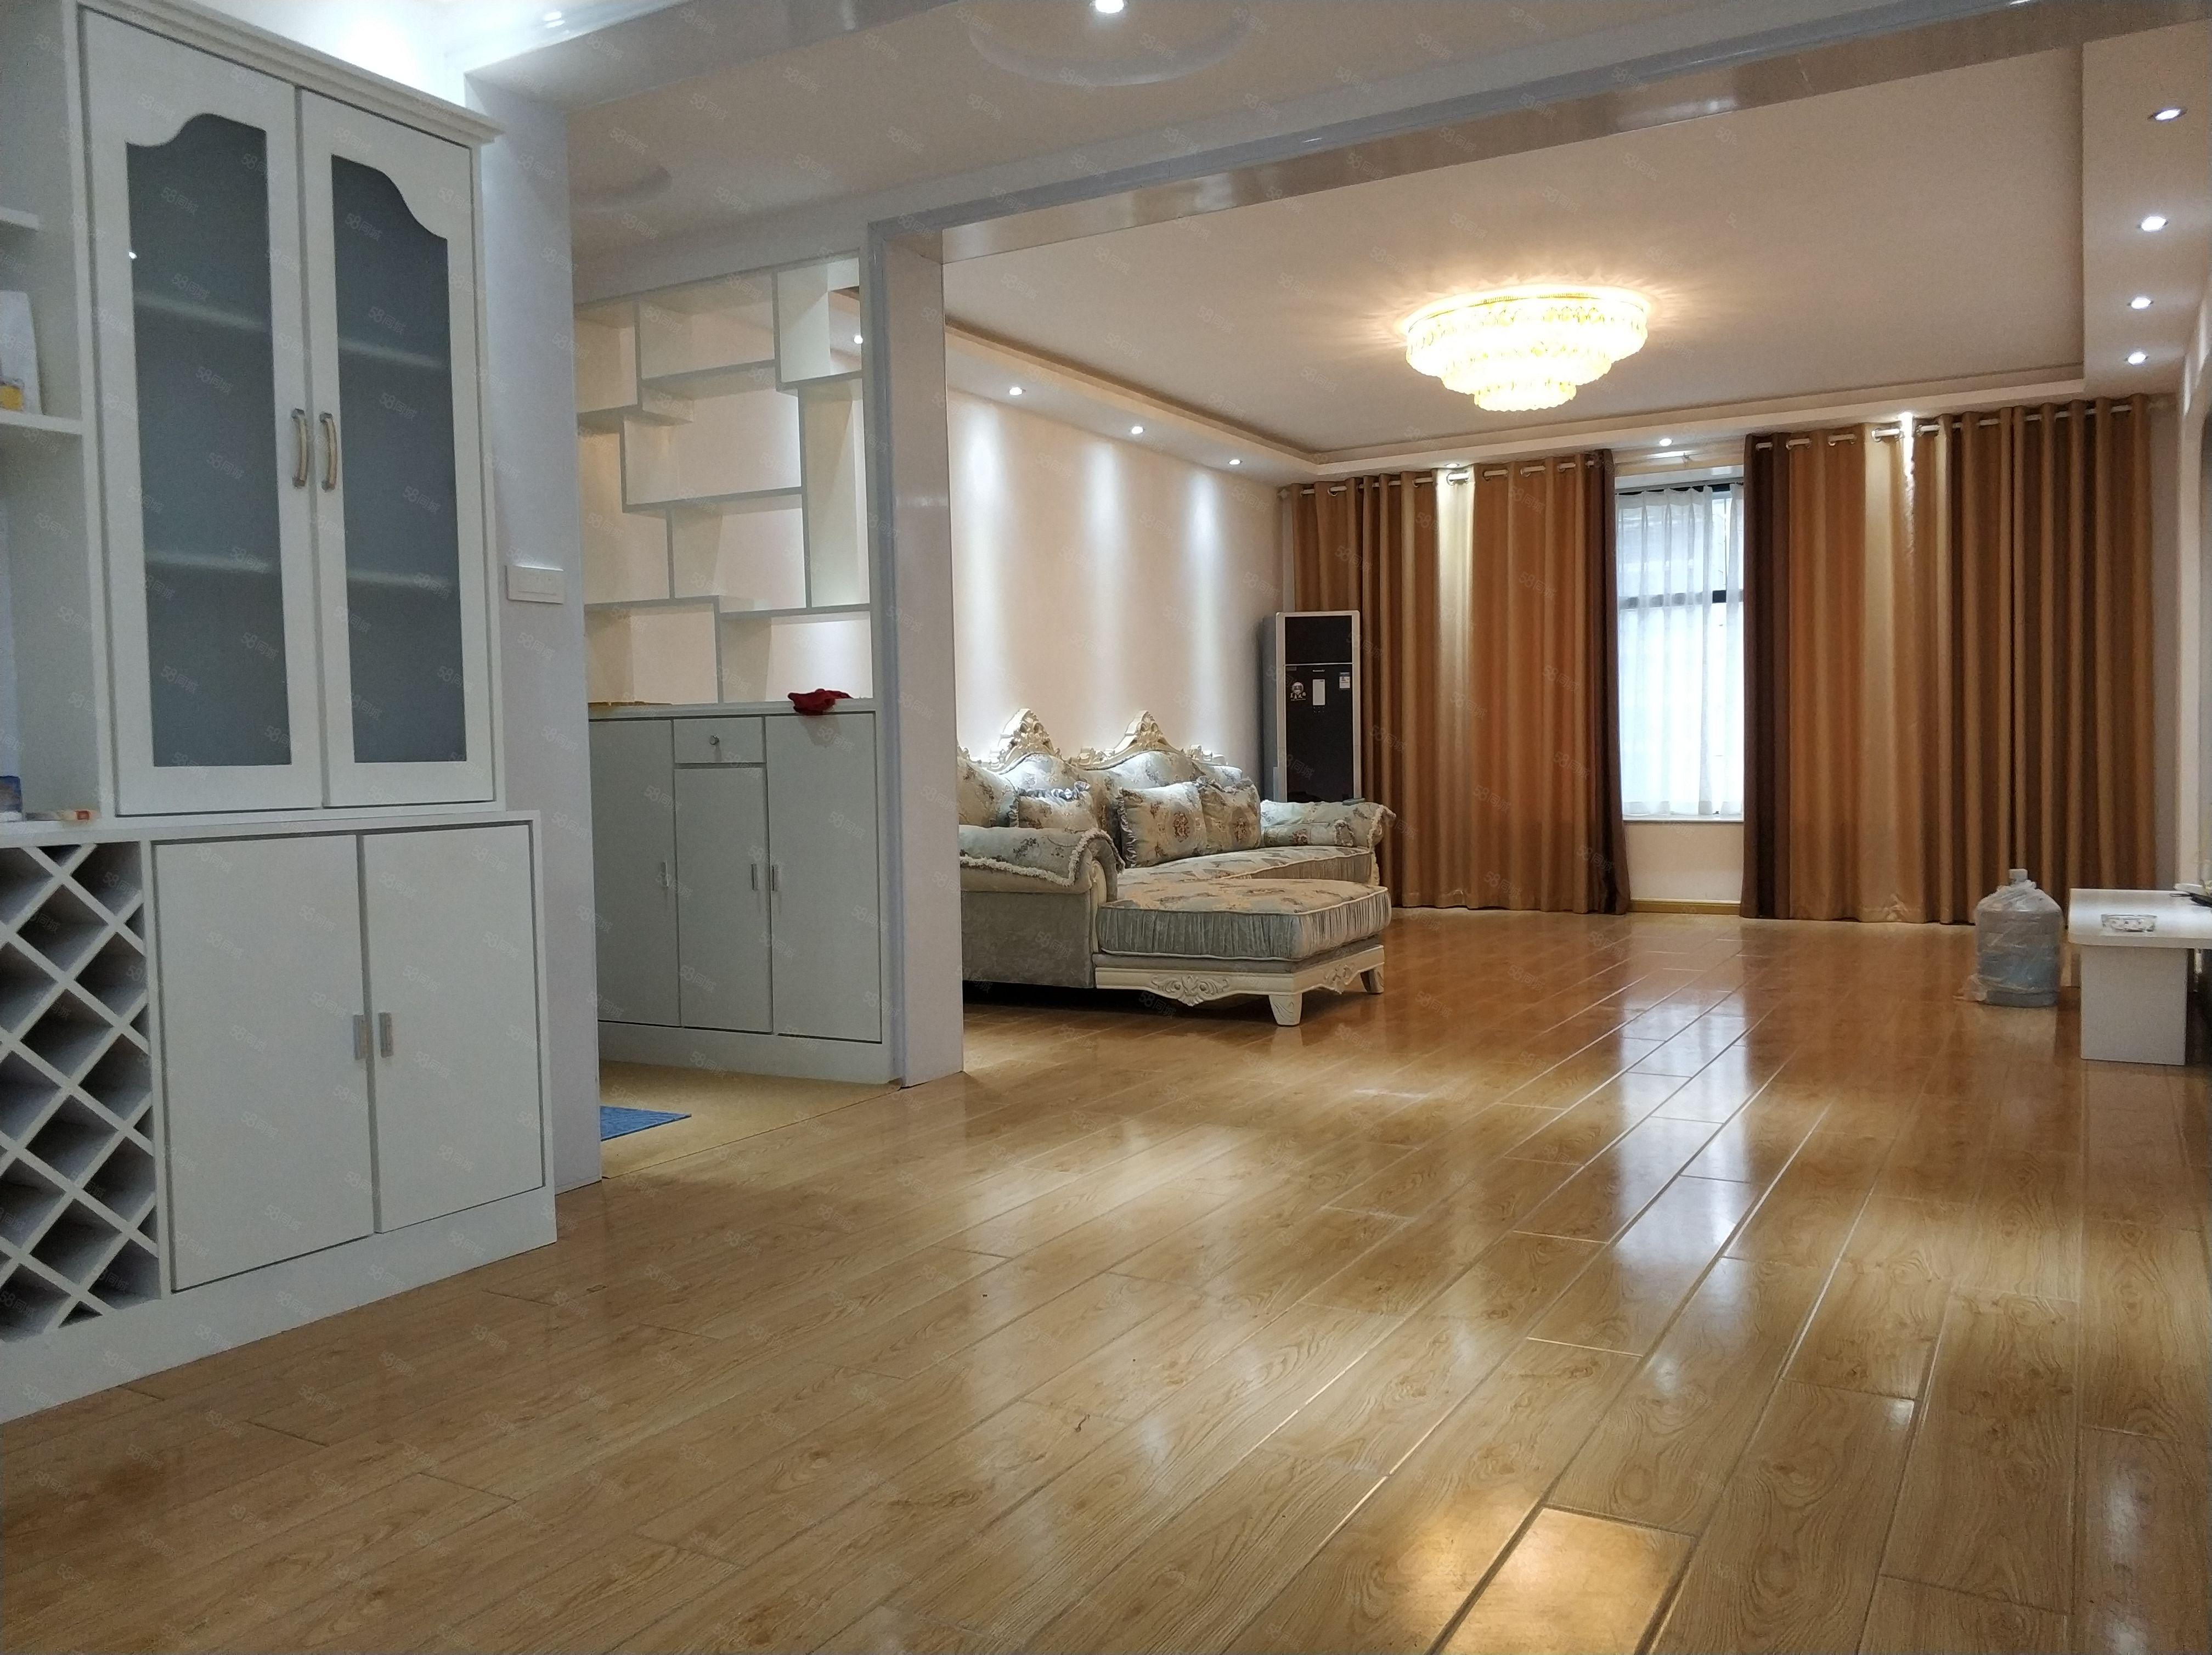 新城區未來路平頂山學院精裝地暖4室,有鑰,好房誠心急售